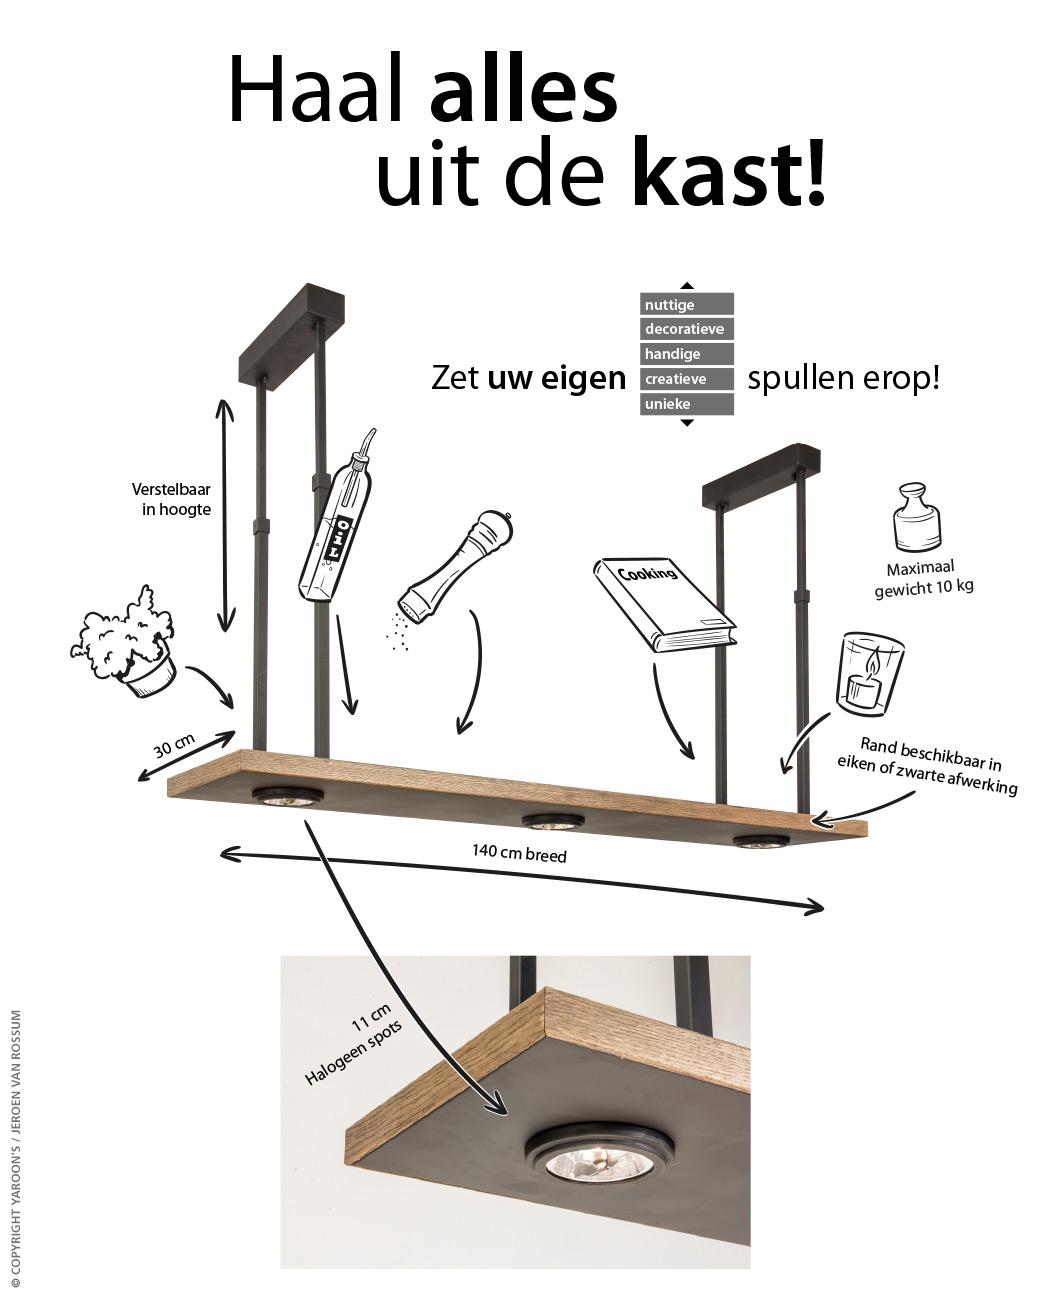 Tray hanglamp advertentie A4 - Haal alles uit de kast!